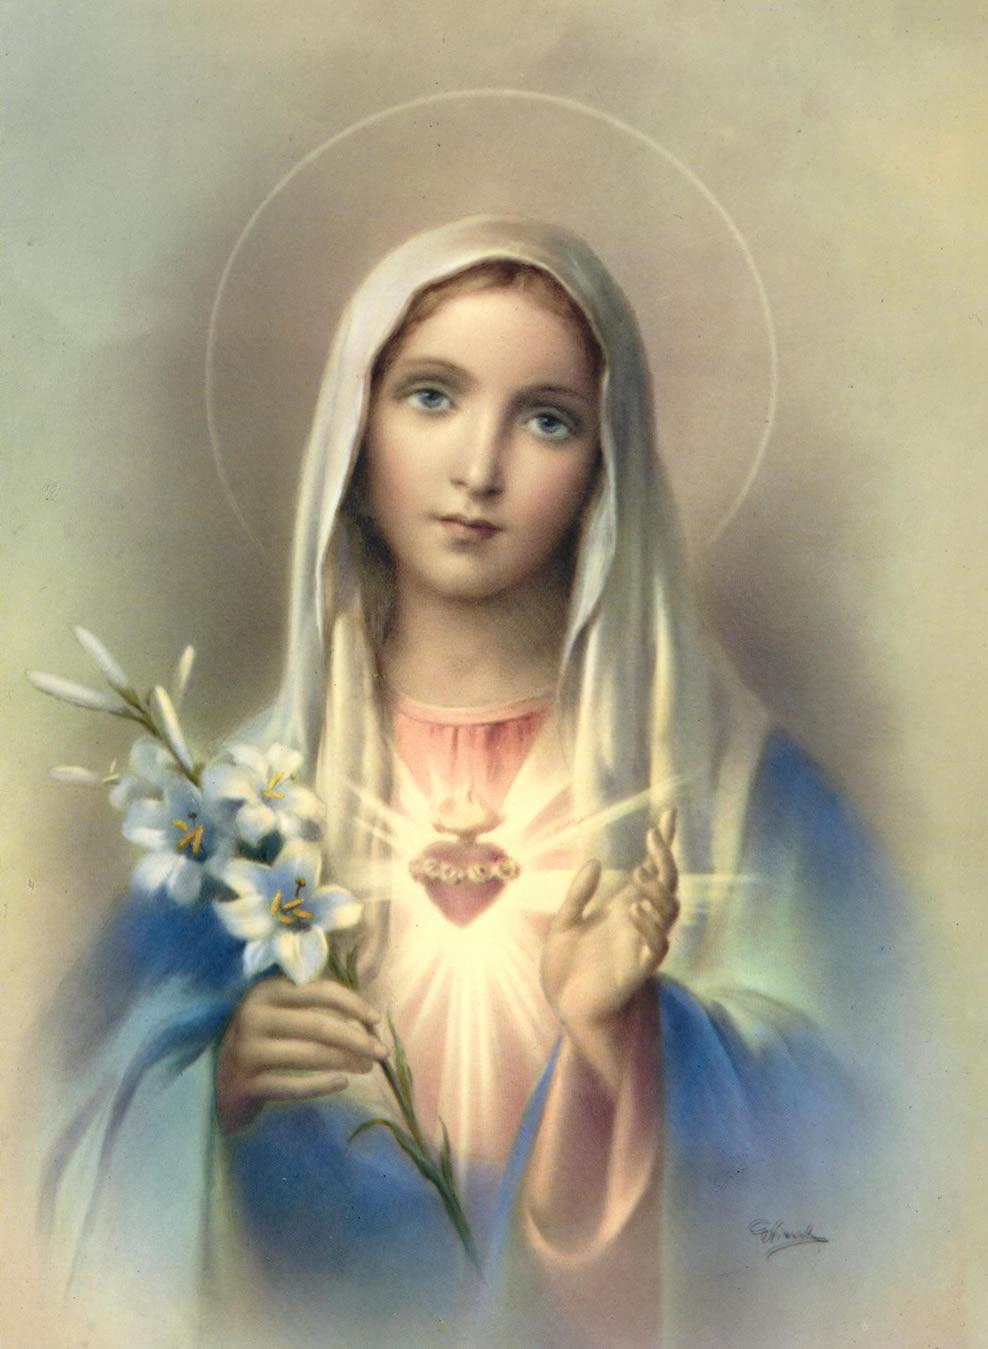 Biografía de la Virgen María - Católicos Firmes en su Fe